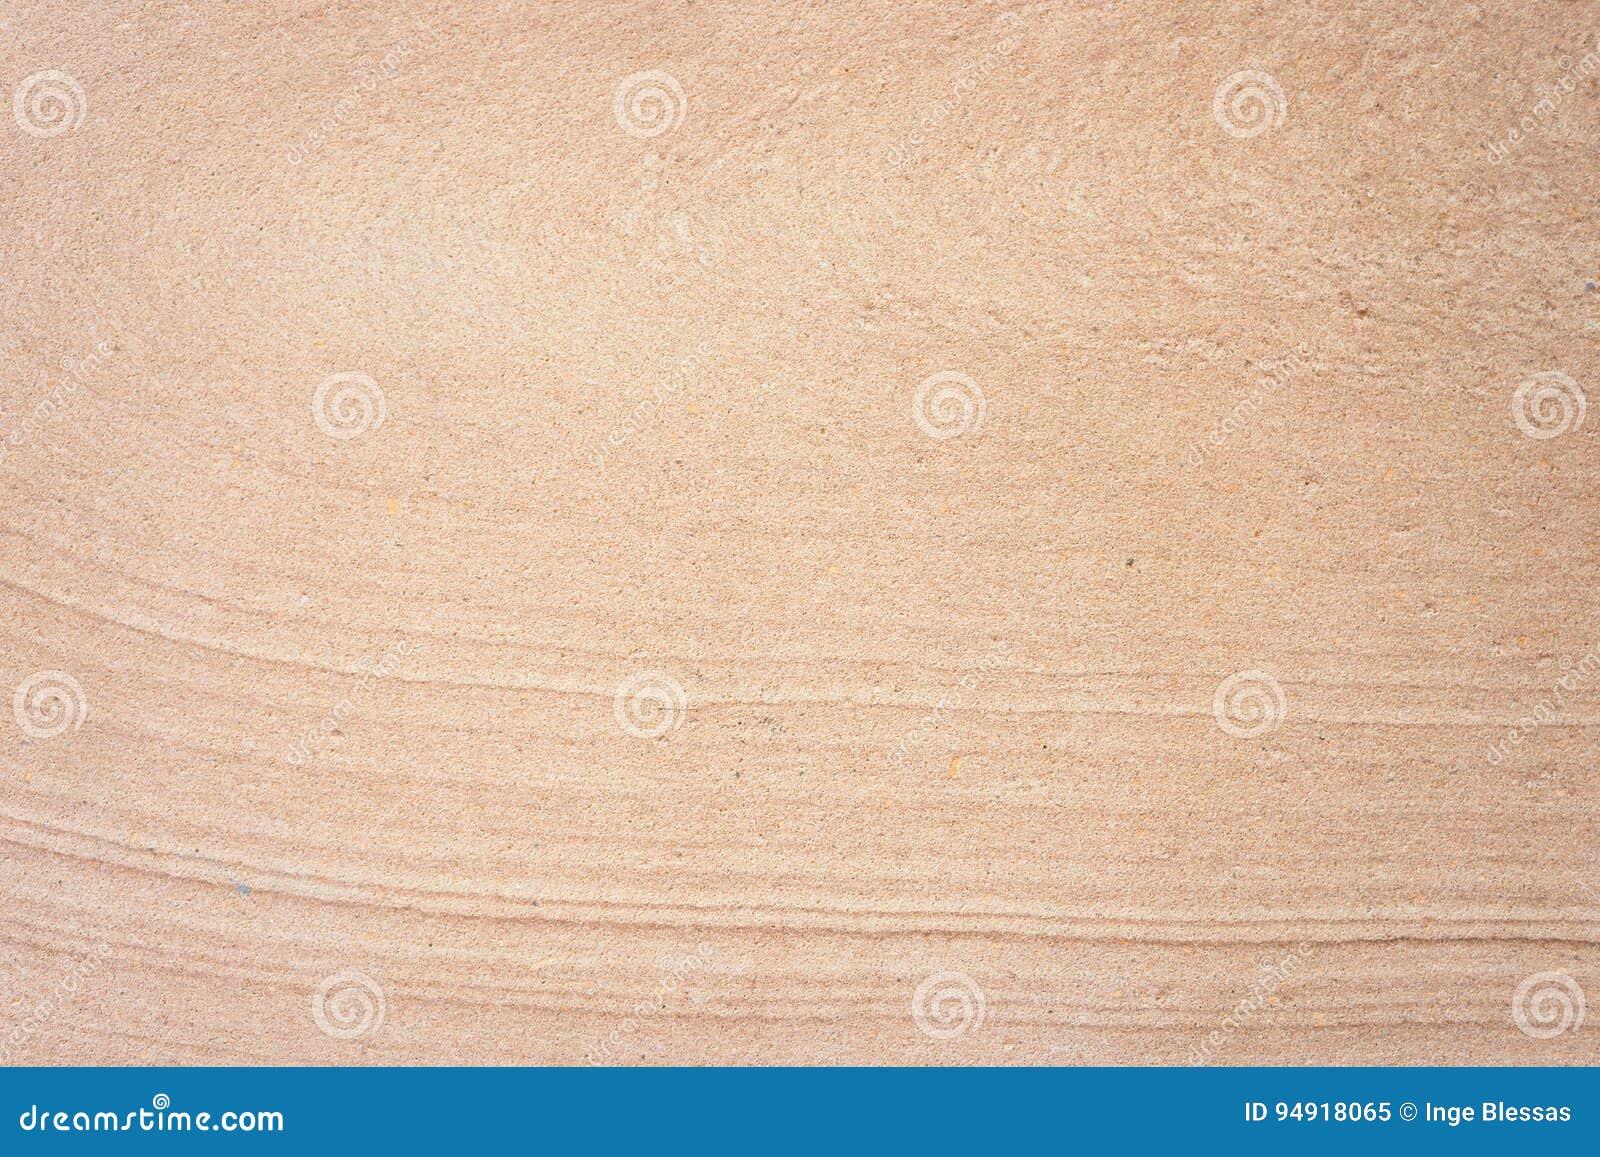 De achtergrond van de zandsteentextuur